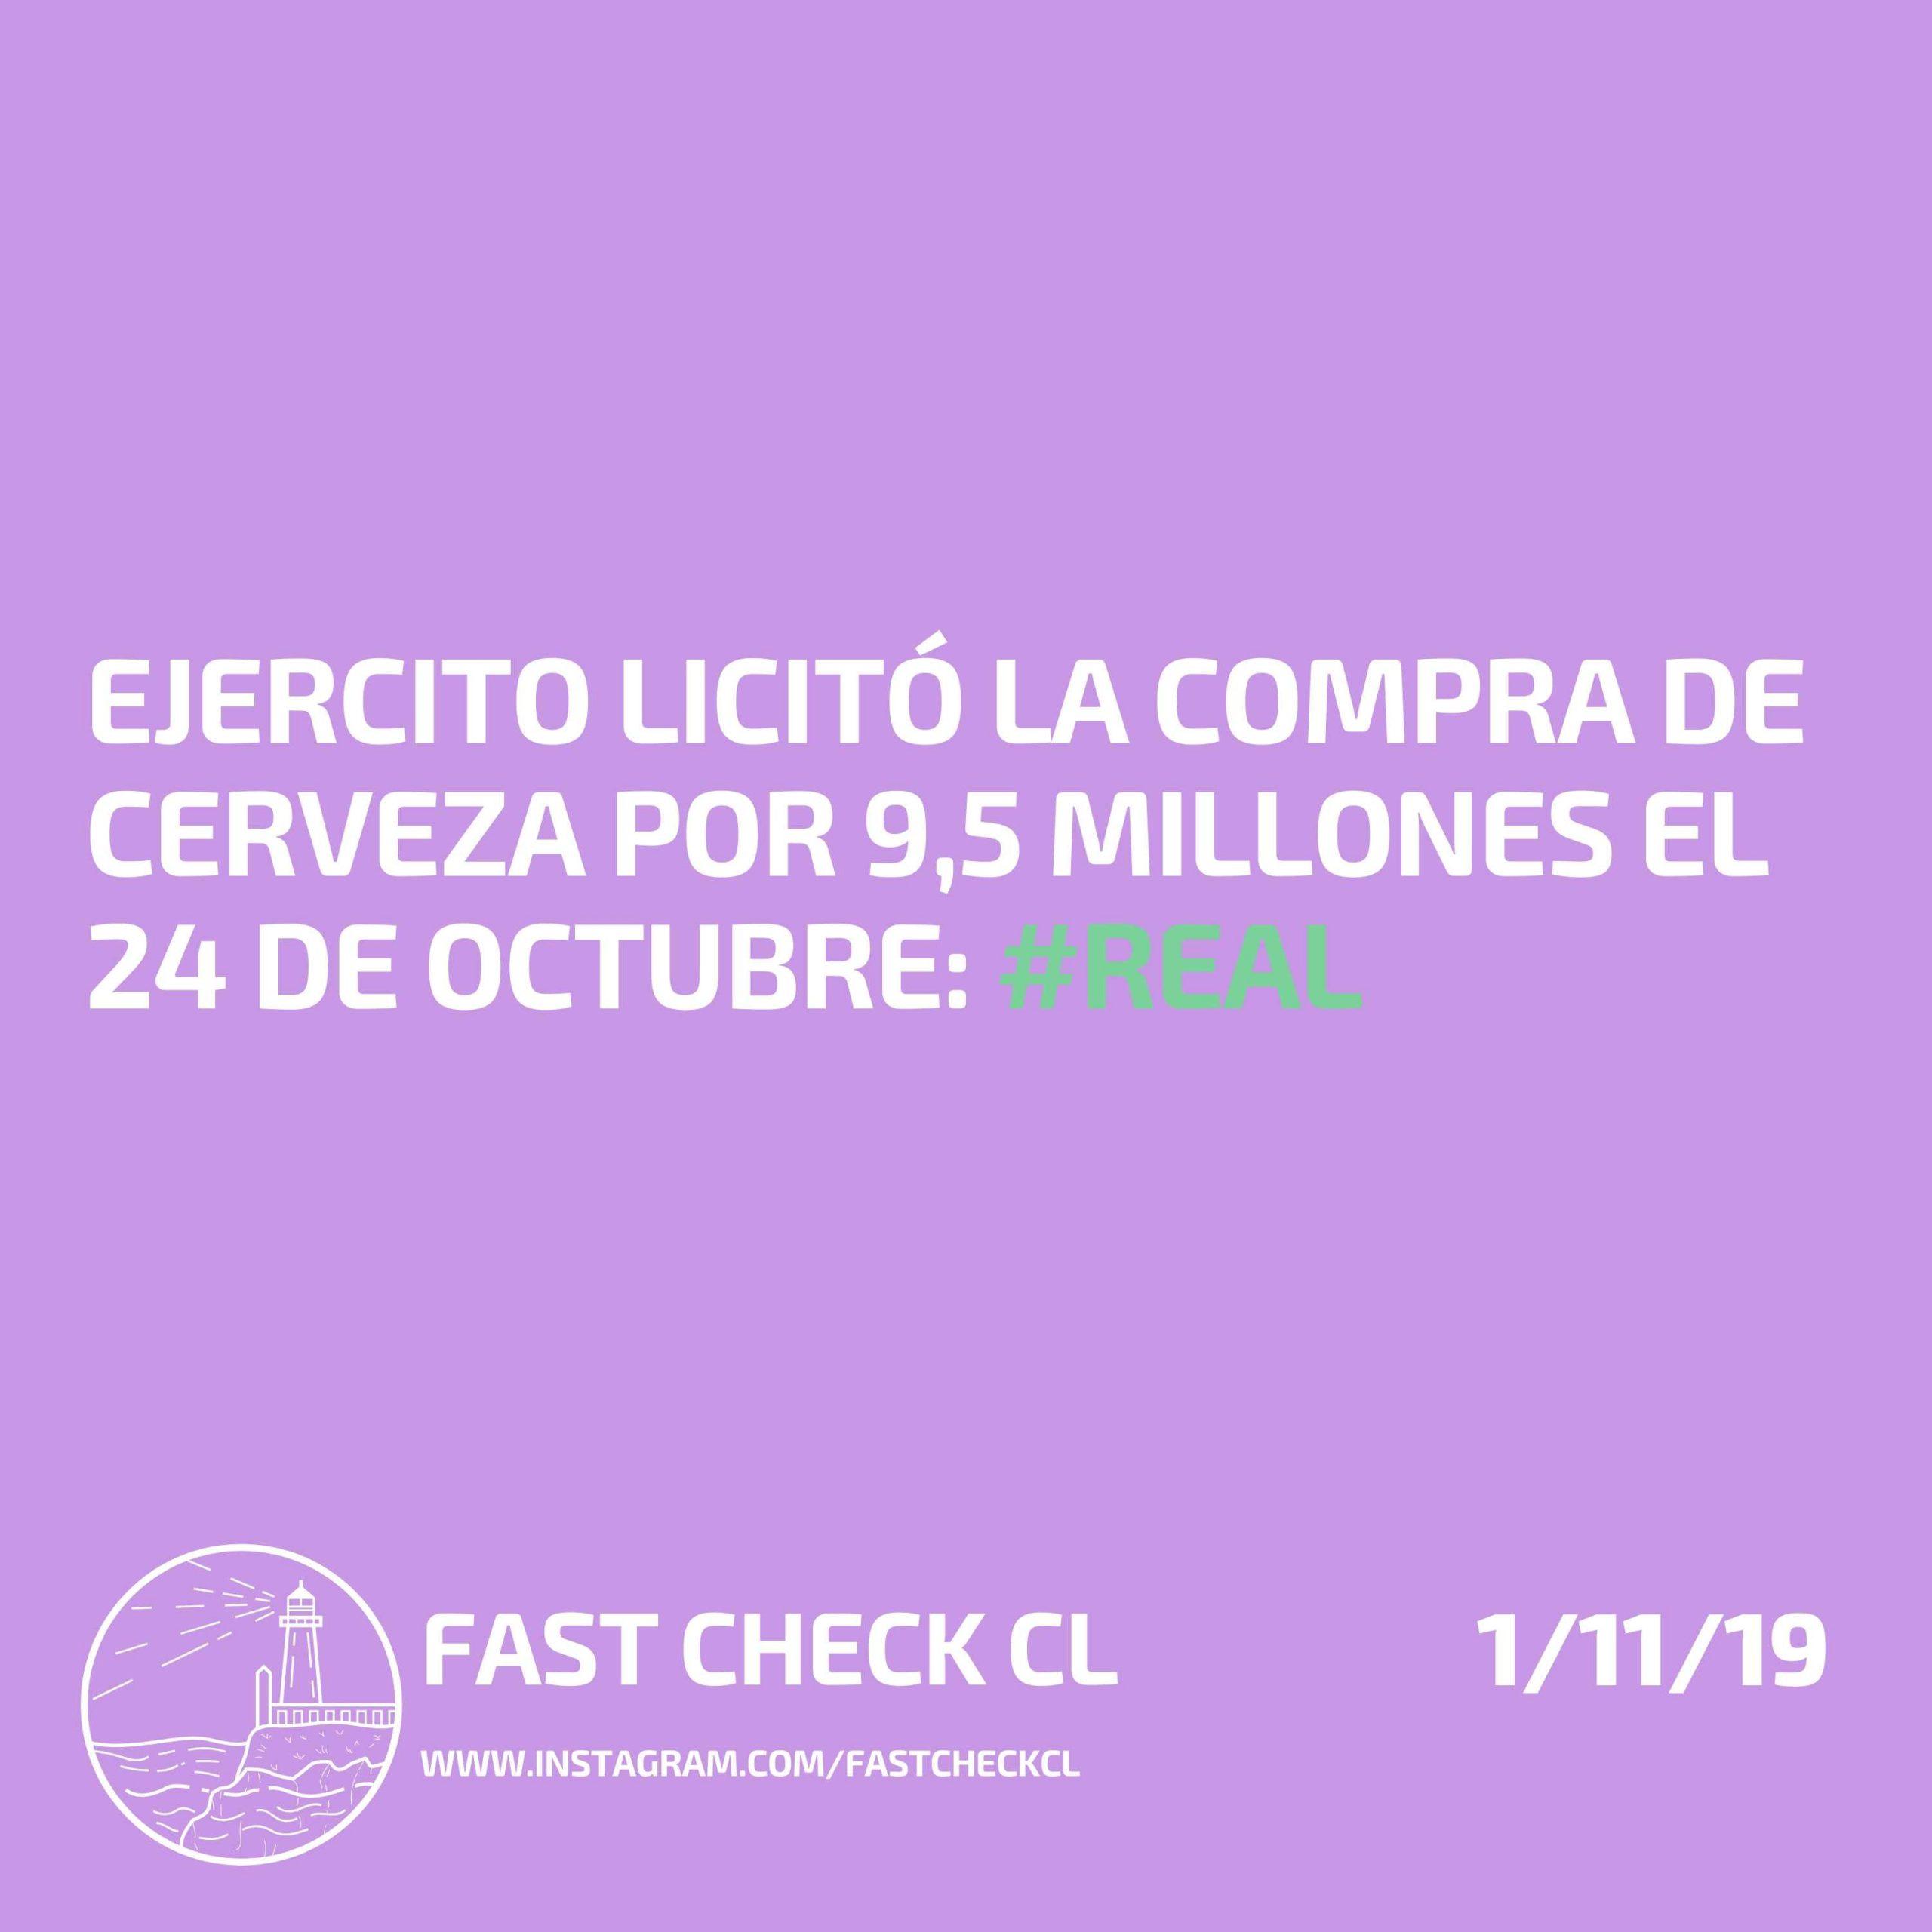 Ejercito licitó la compra de cerveza por 9,5 millones el 24 de octubre: #Real